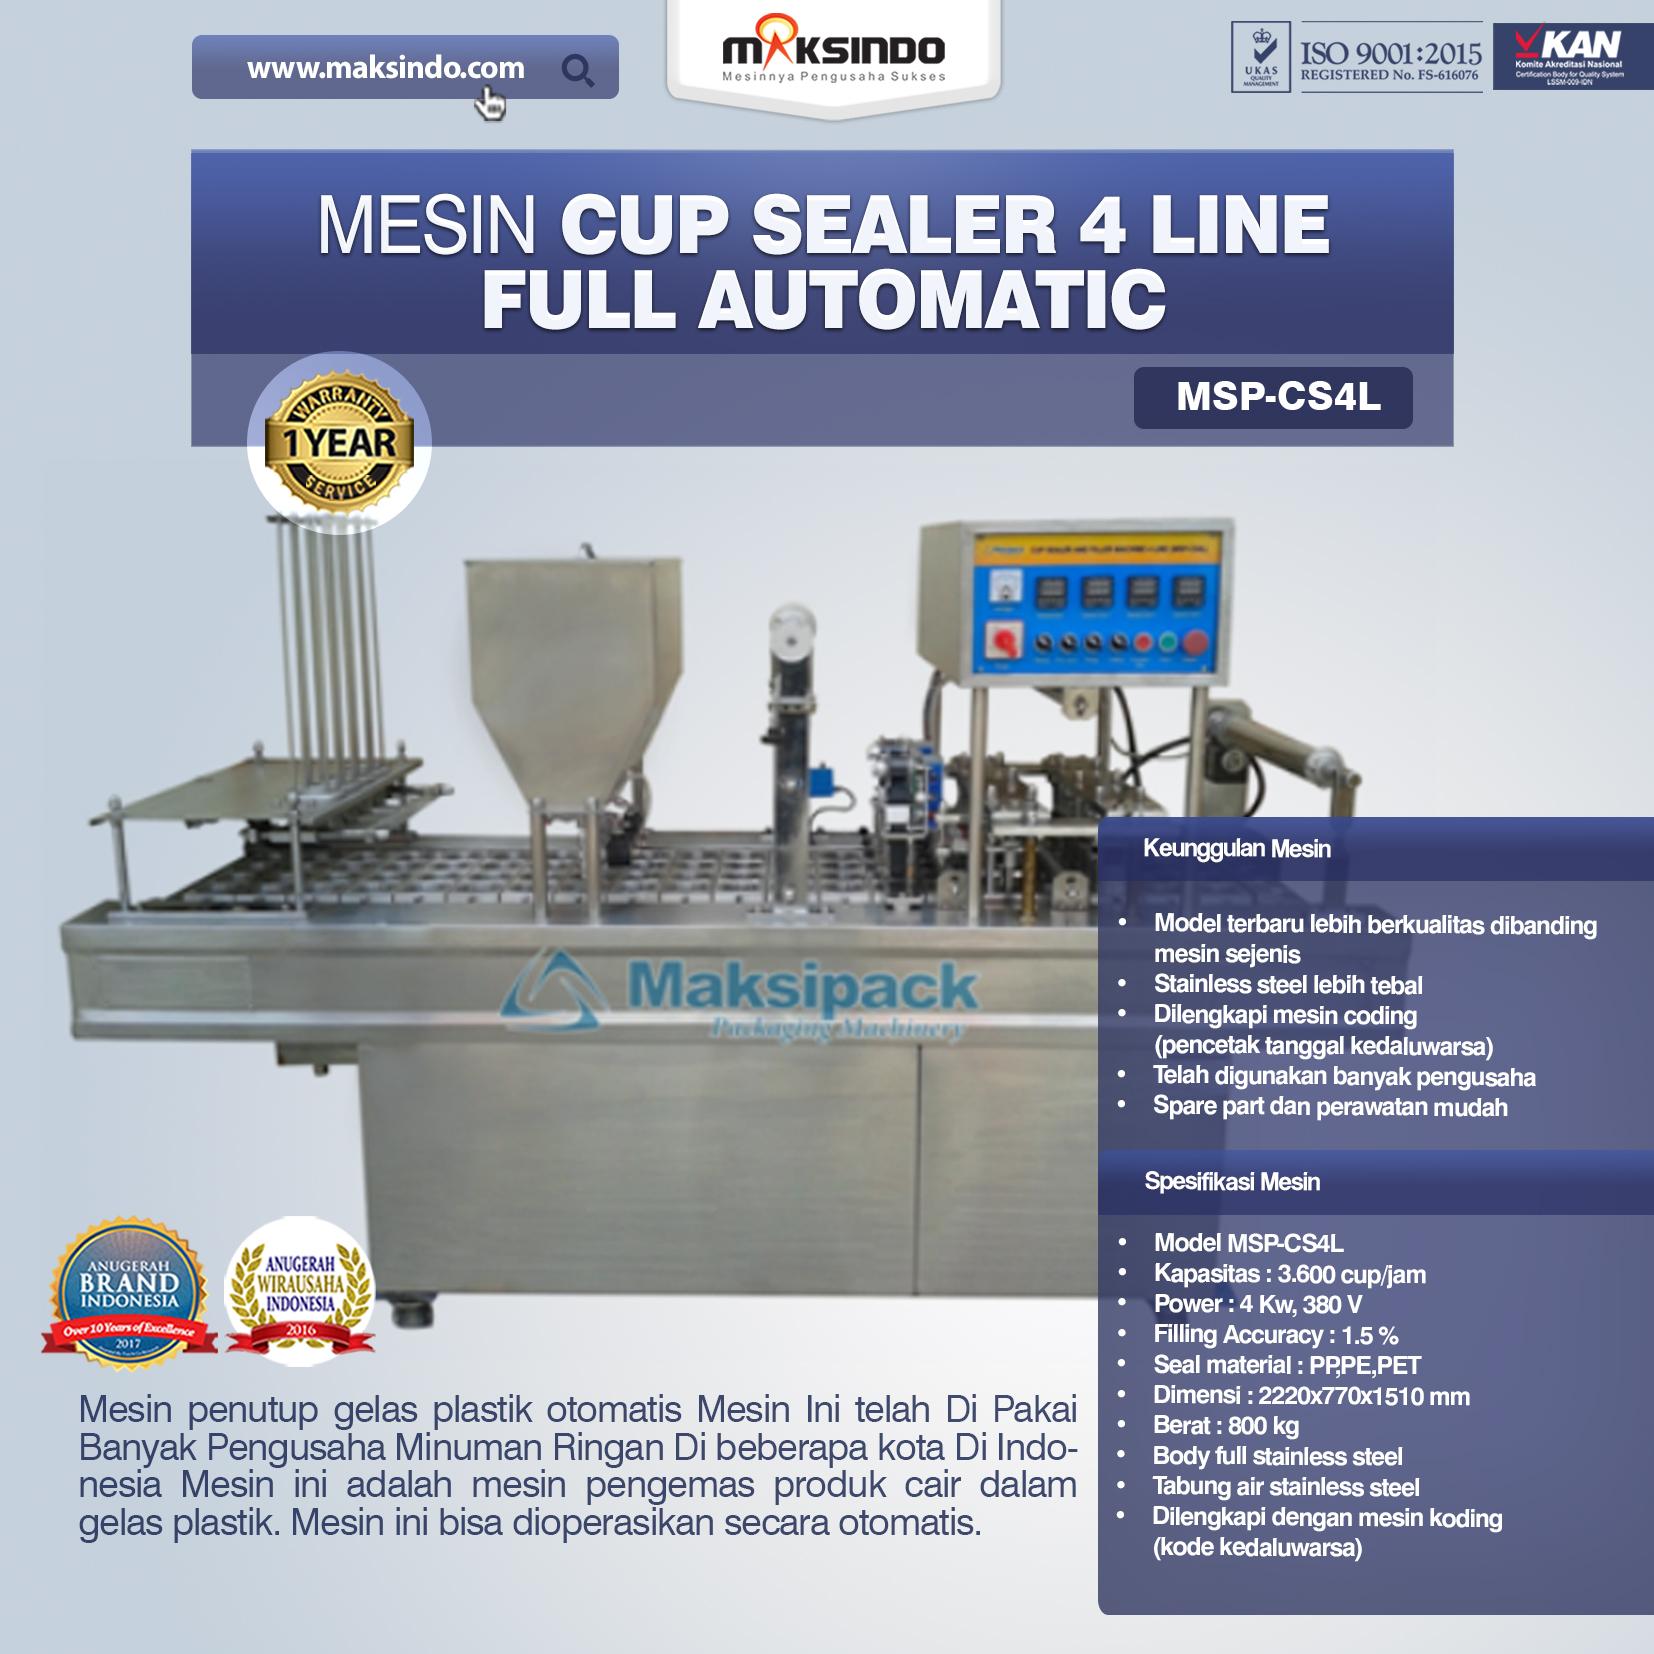 Jual Mesin Cup Sealer Otomatis di Palembang